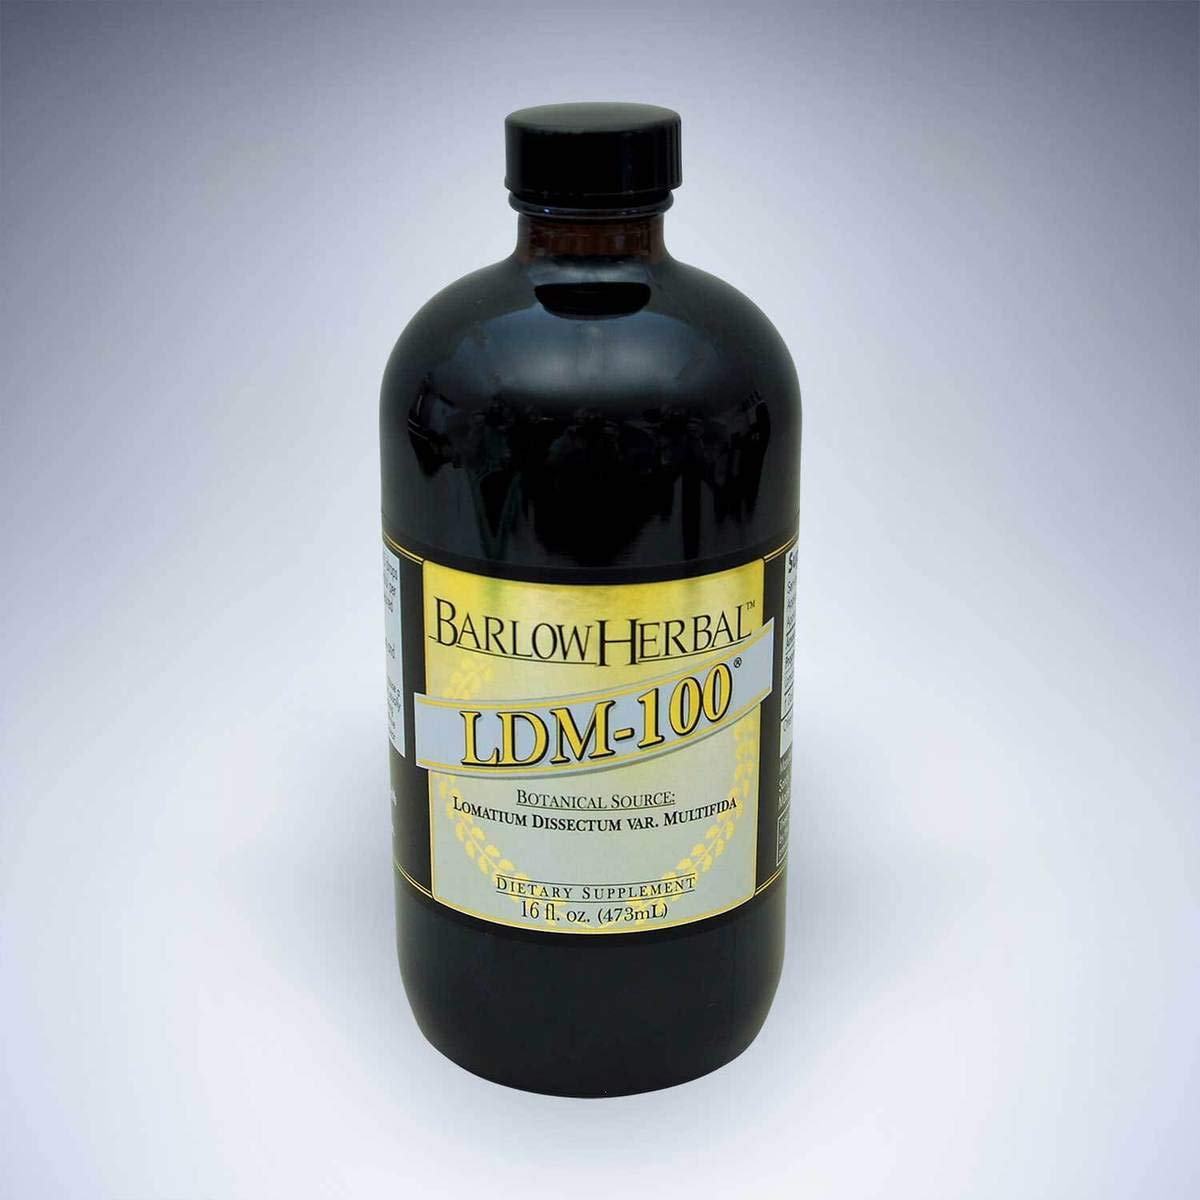 Barlow Herbal LDM-100 - Lomatium Dissectum Tincture - 16 fl oz